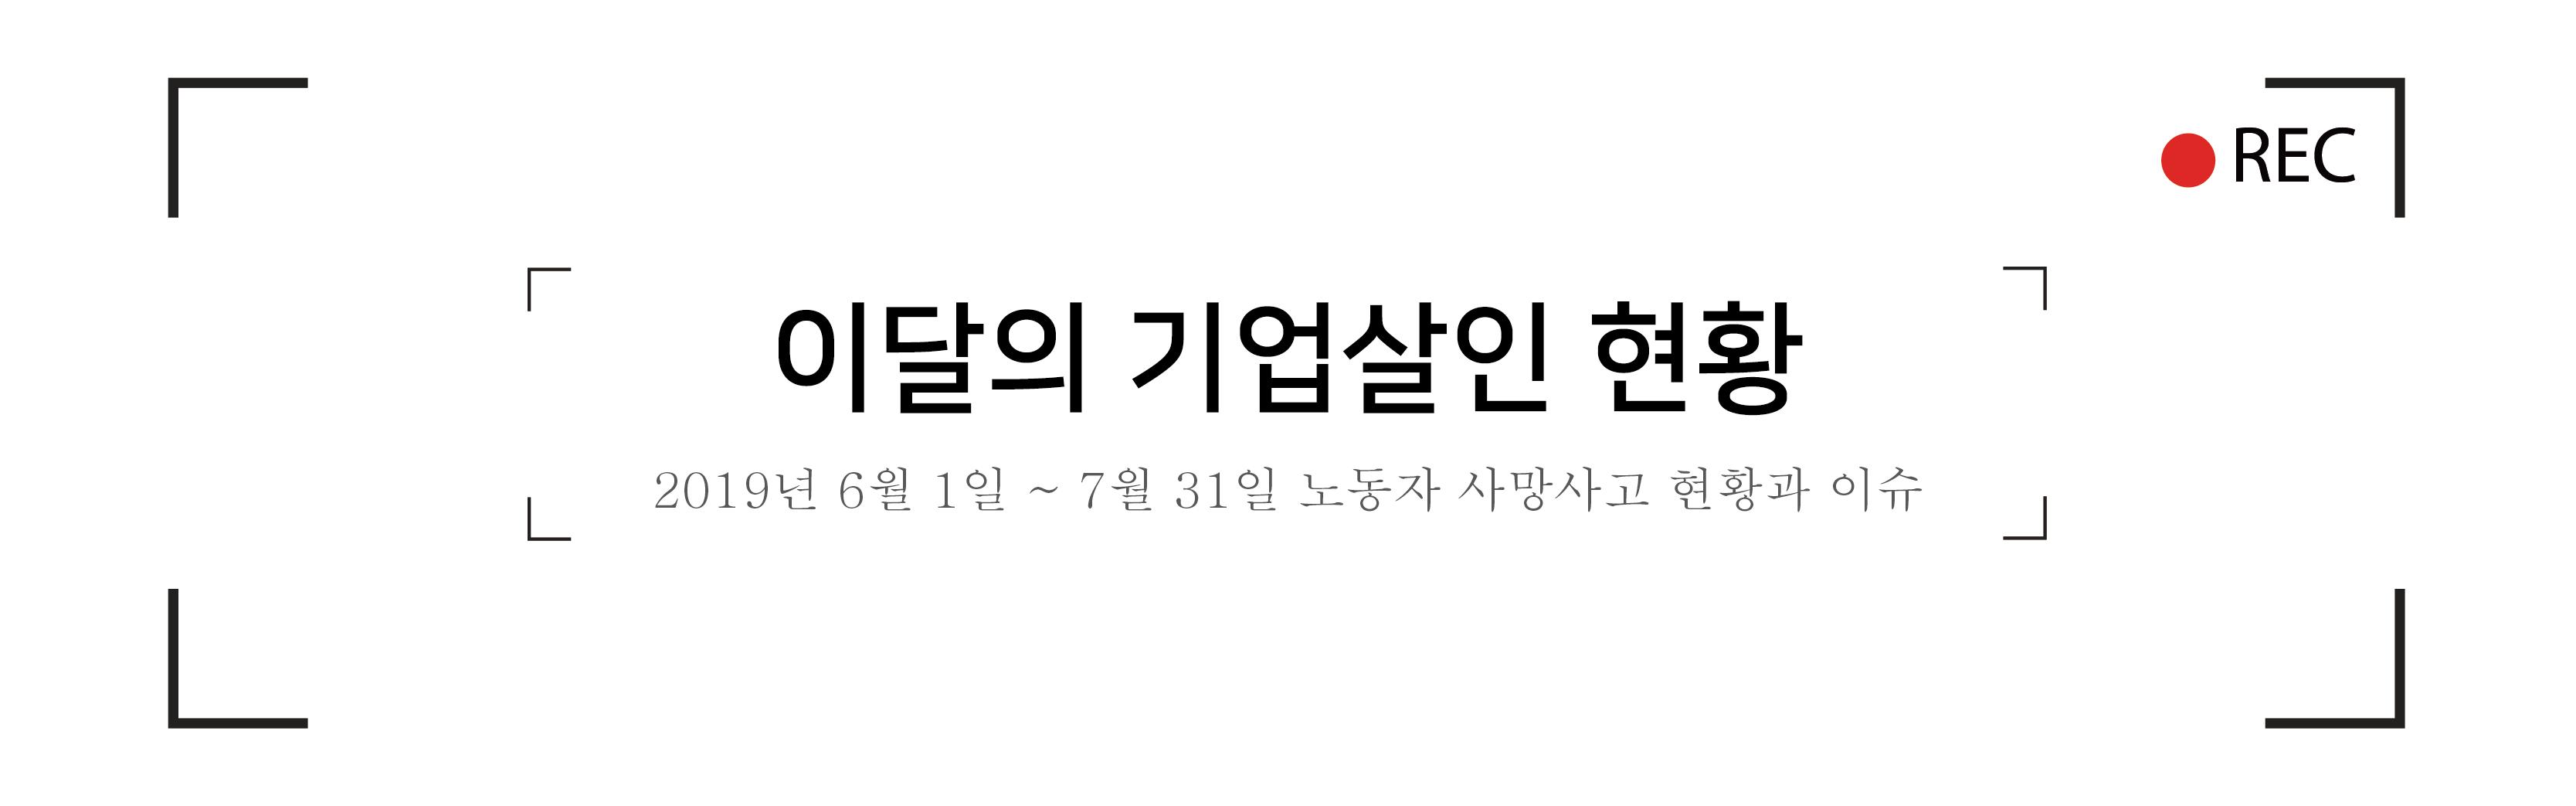 2019년 6~7월 이달의 기업살인 현황.png